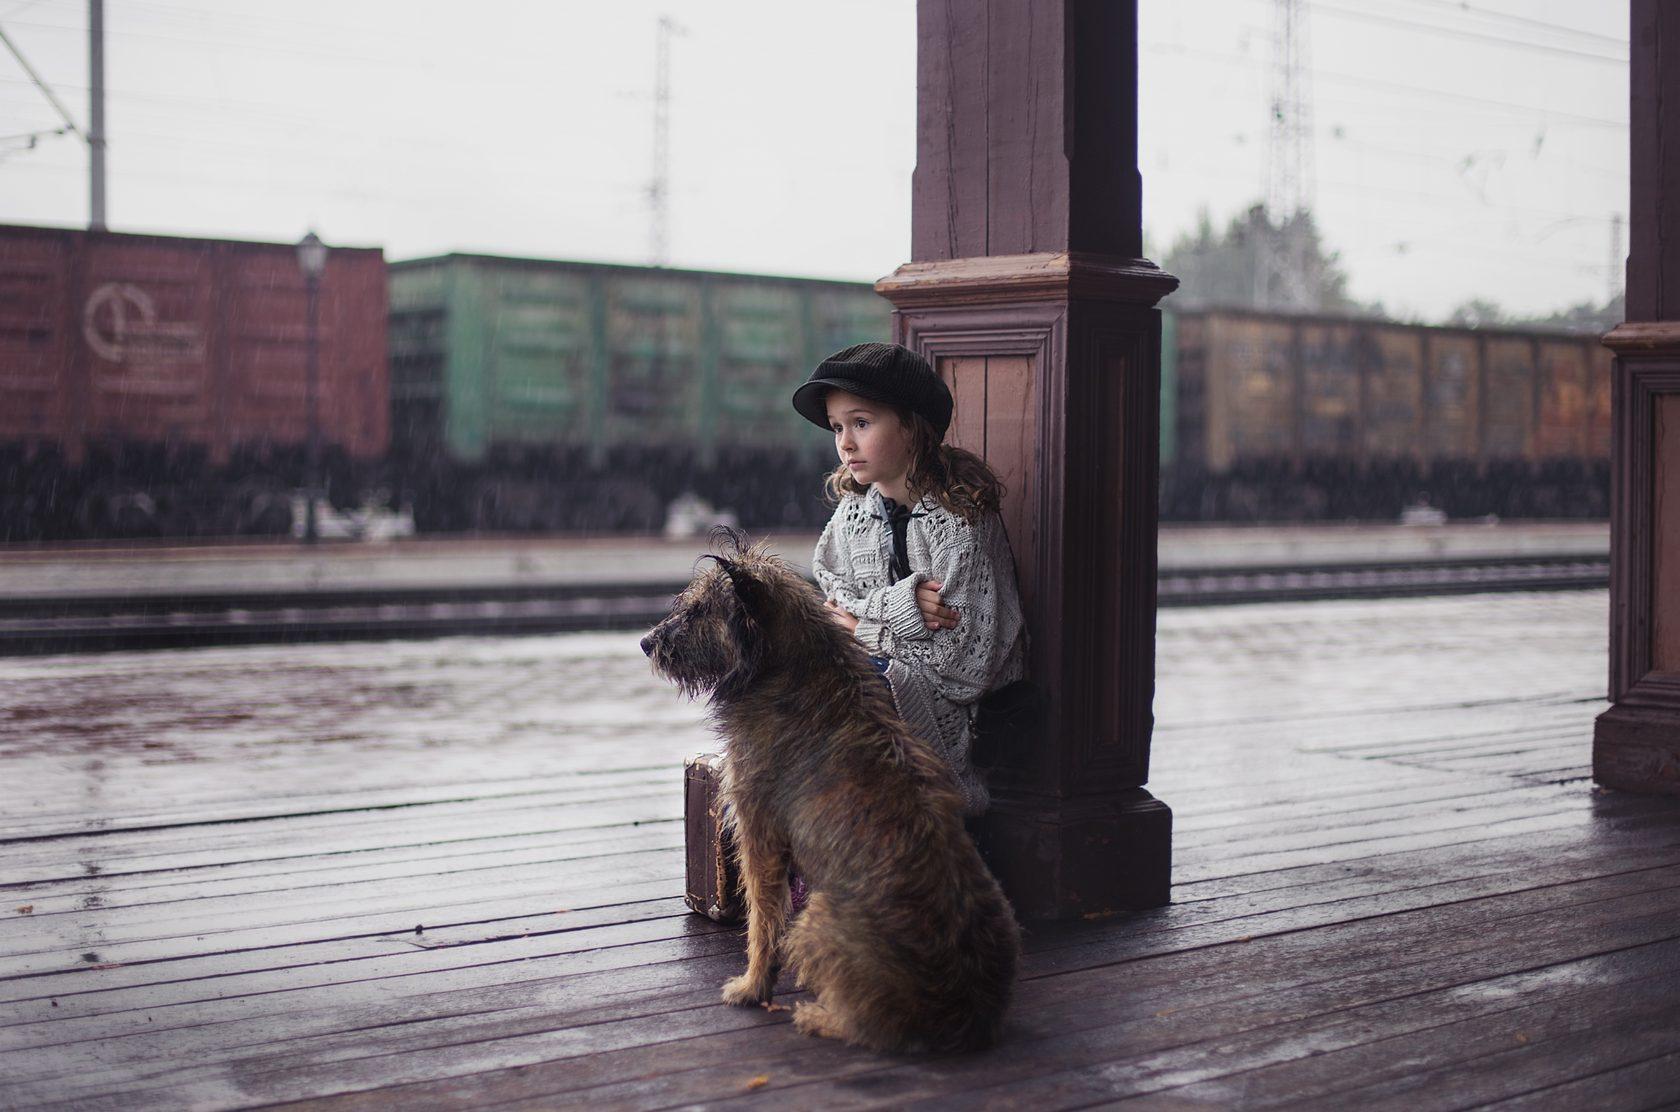 подработка начинающим фотографам нижний новгород очень редко отличается